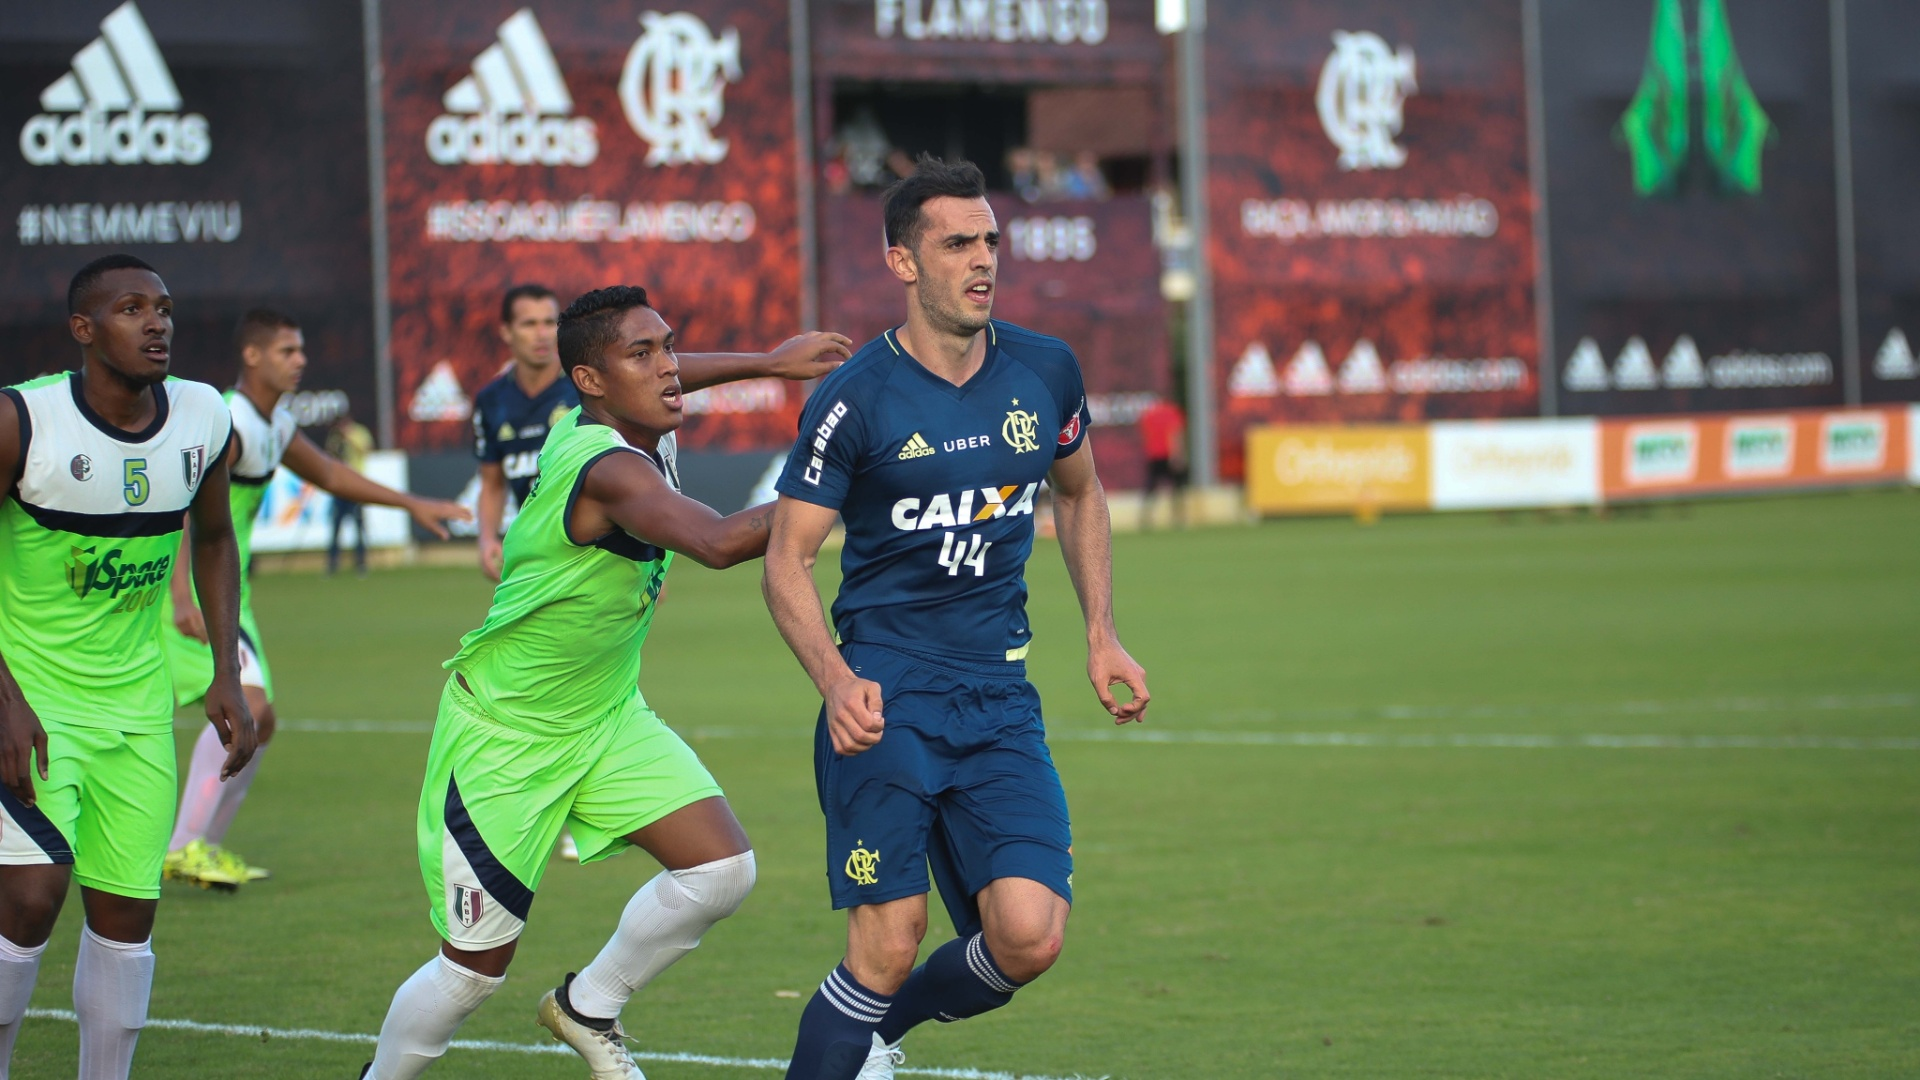 Rhodolfo participa de jogo-treino contra o Barra da Tijuca pelo Flamengo